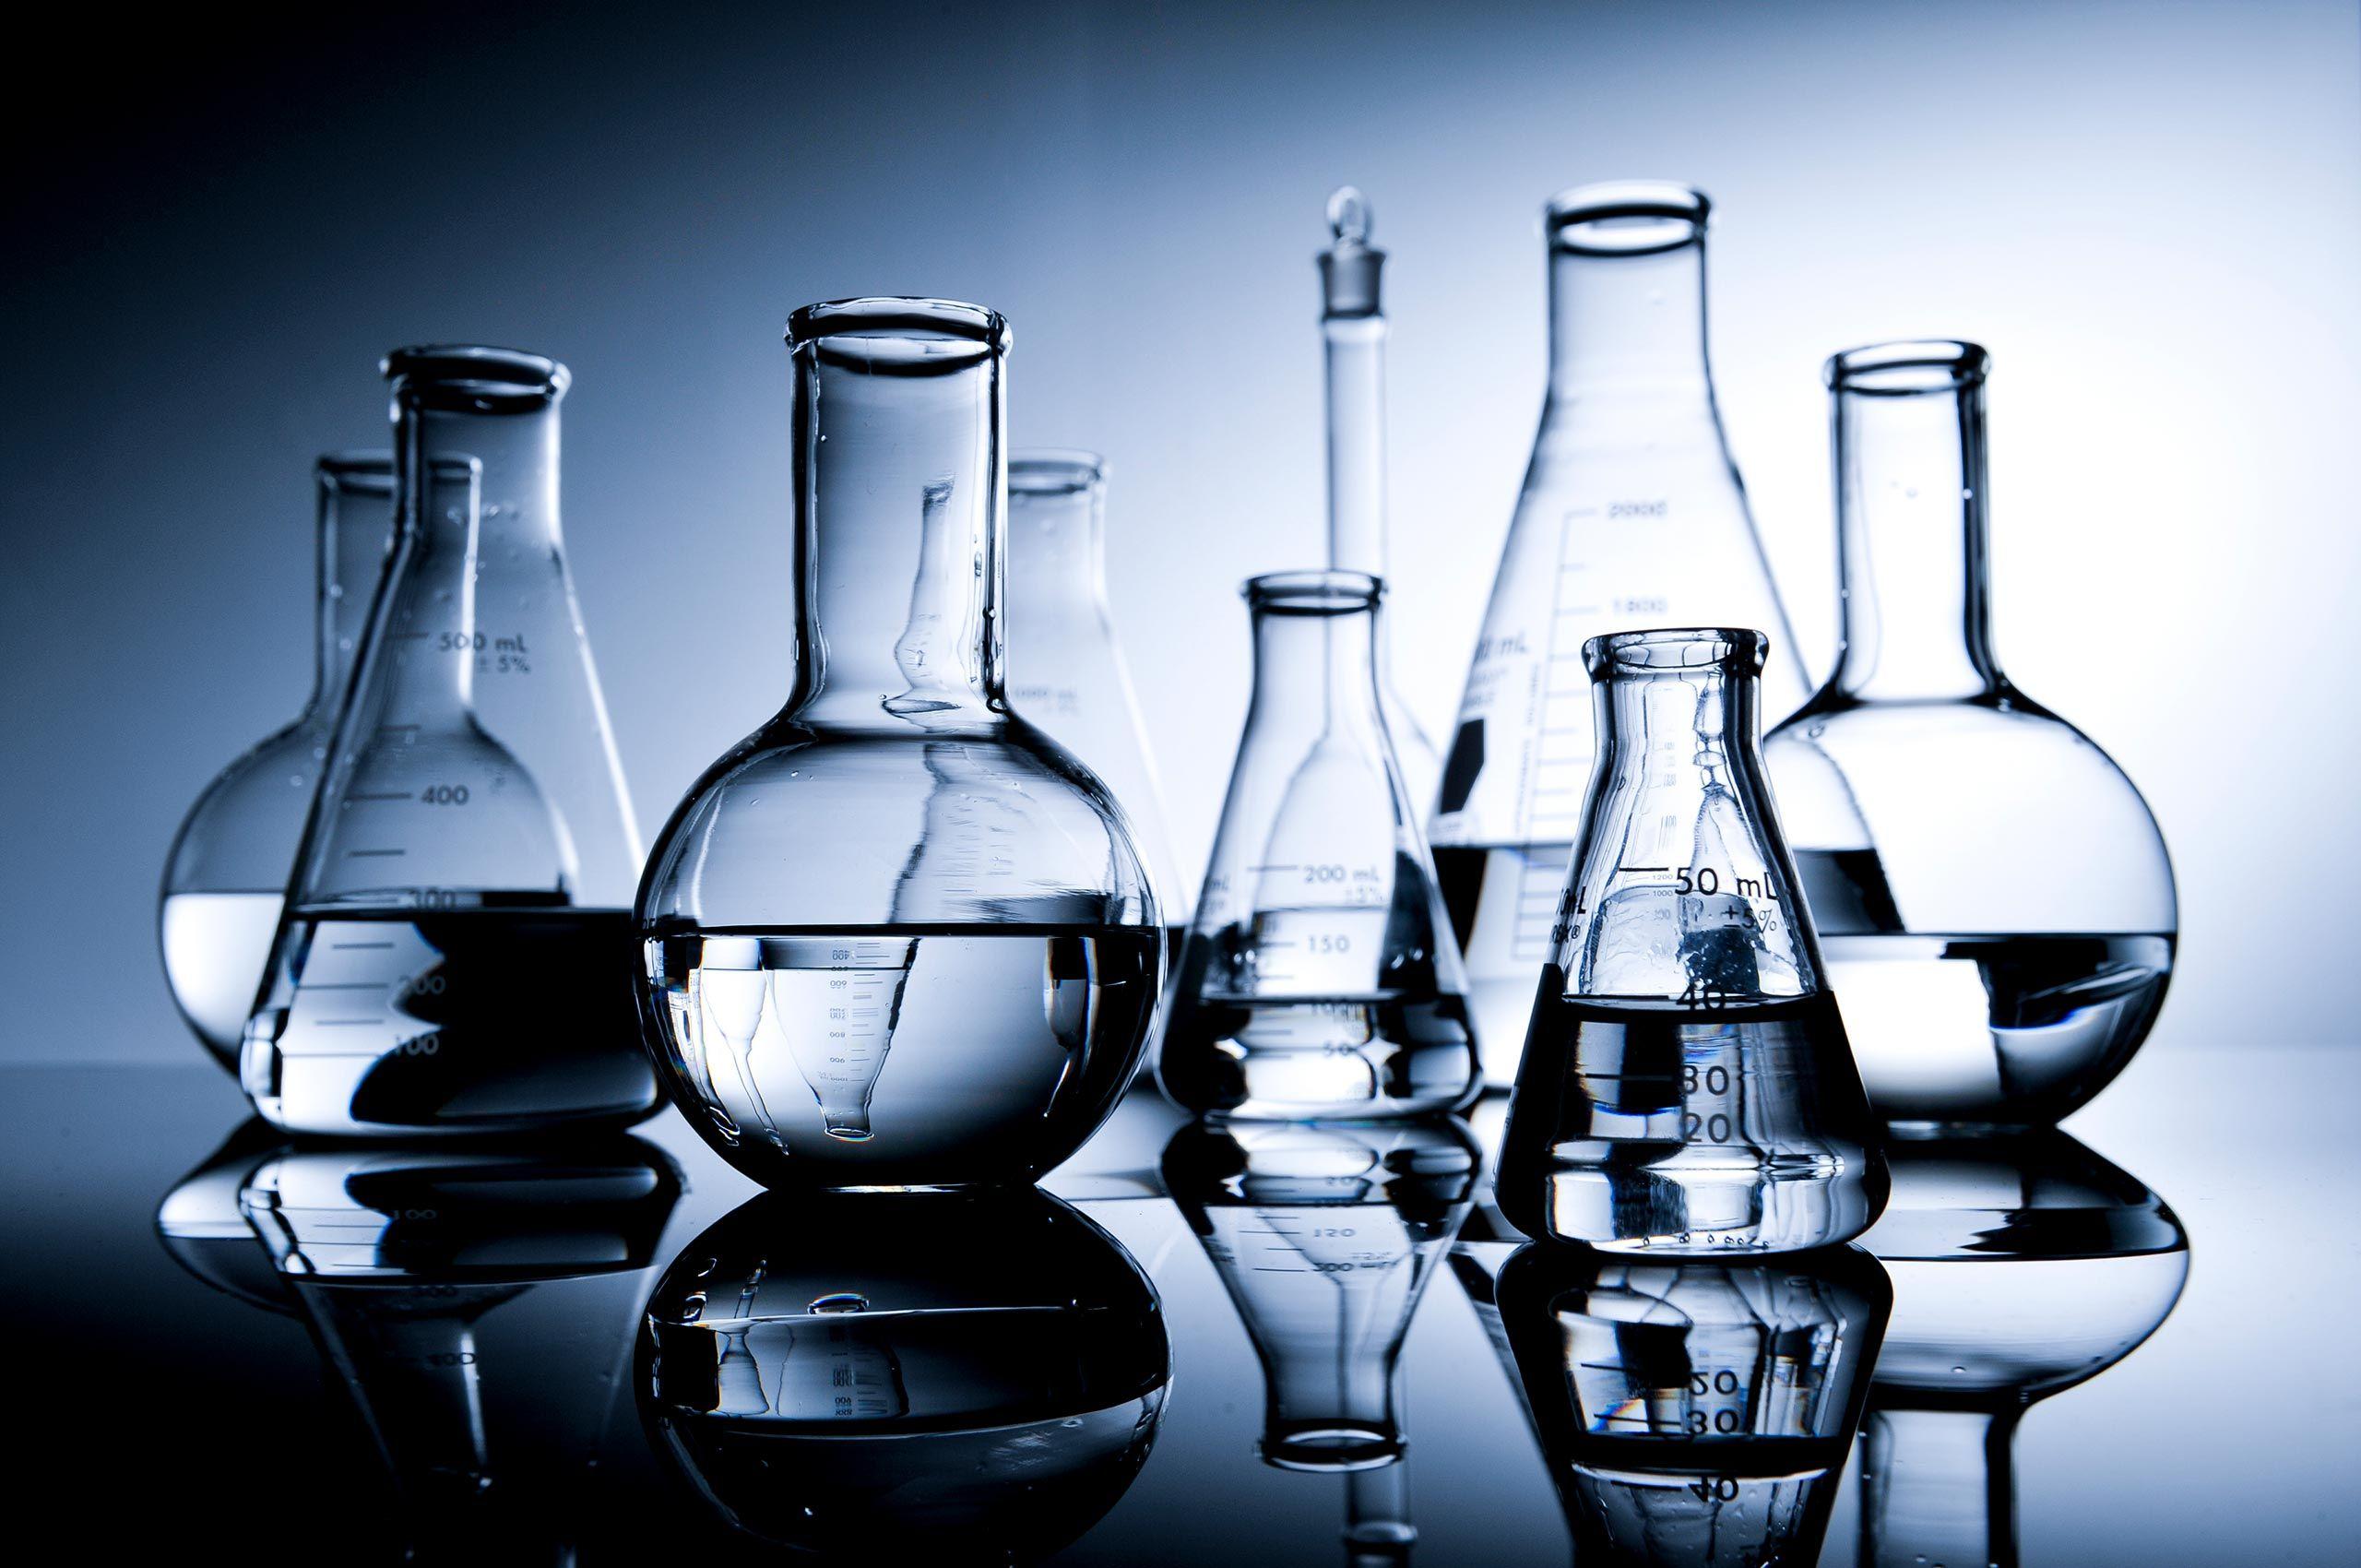 Science_646_DSC8967_111209TF_Water.jpg